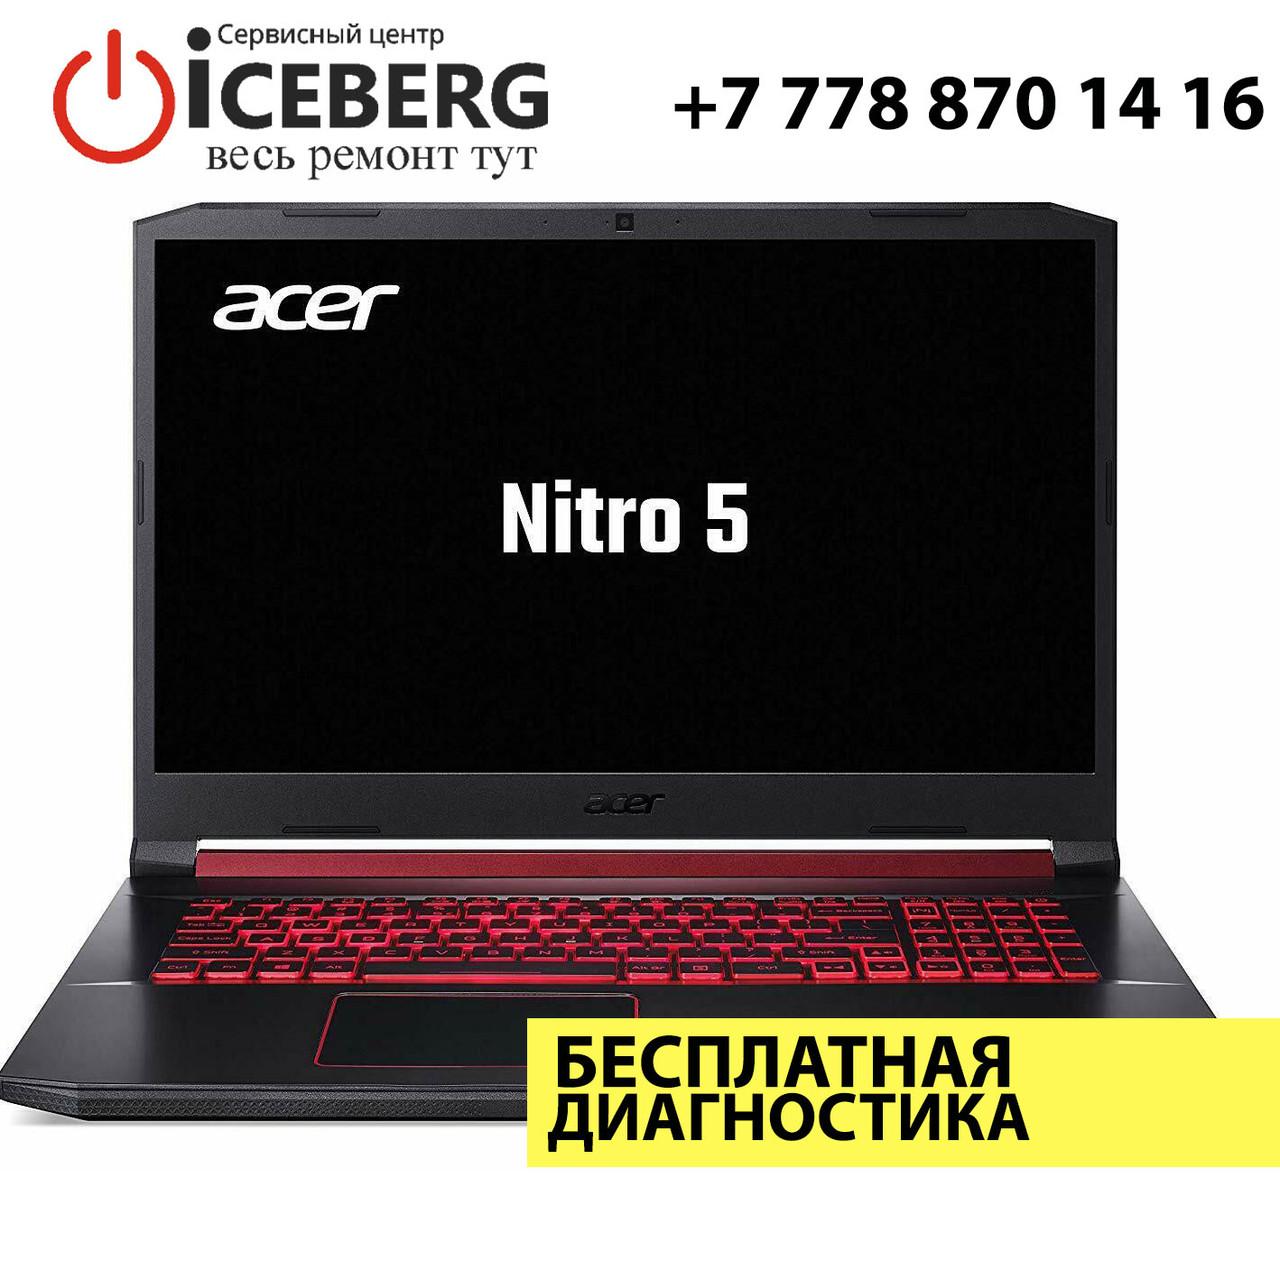 Ремонт ноутбуков и компьютеров Acer Nitro